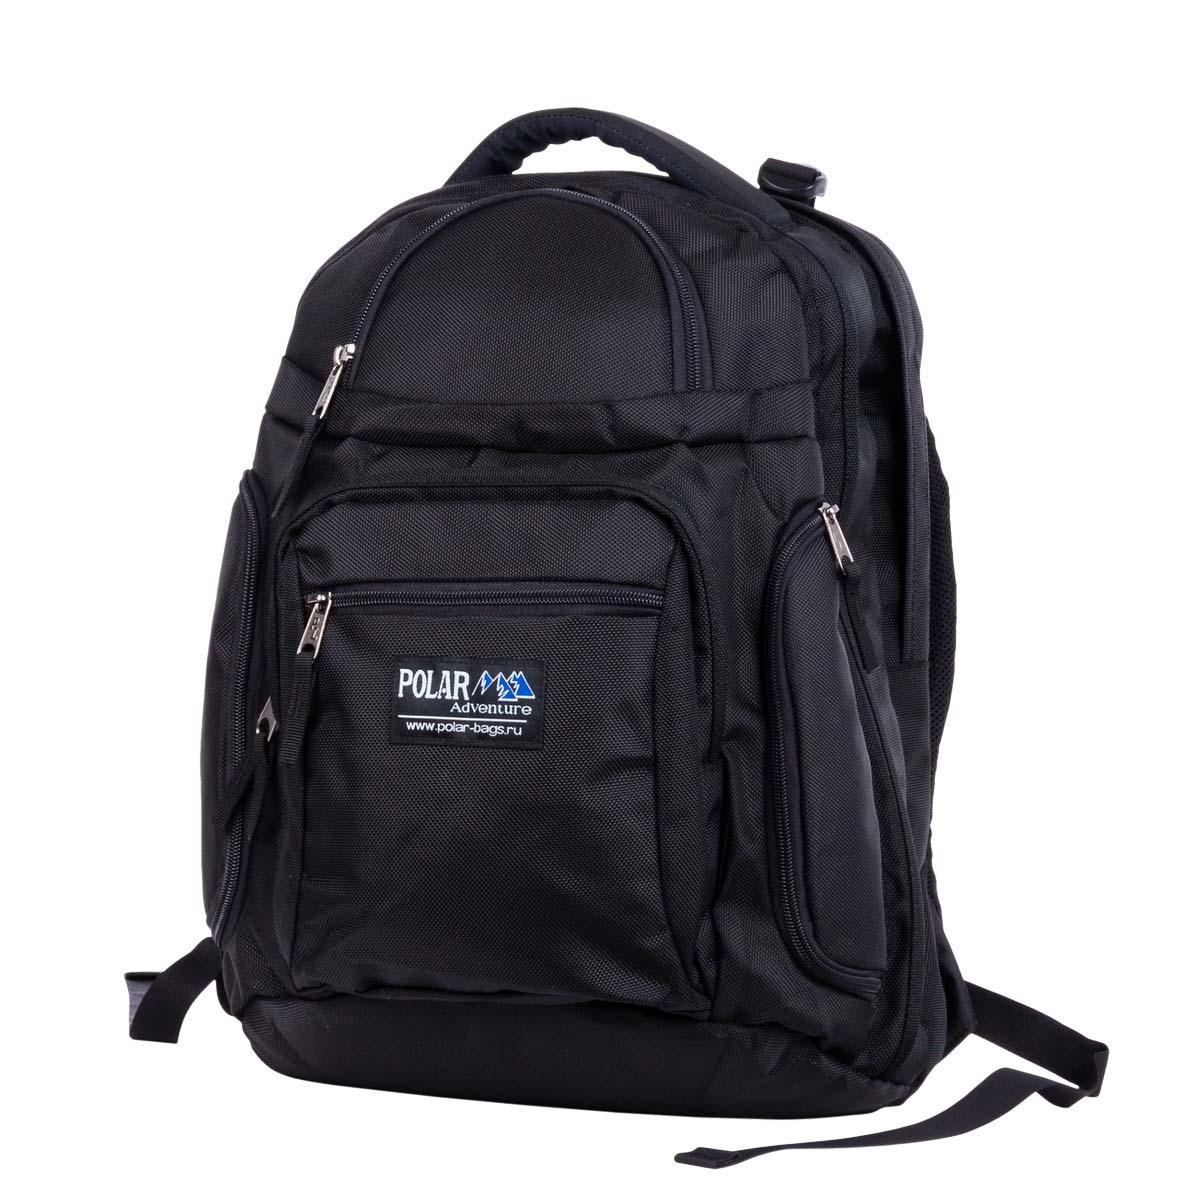 Рюкзак городской Polar, 35,5 л, цвет: черный. П1063-05П1063-05Материал – высокопрочный полиэстер с водоотталкивающей пропиткой. Недорогой рюкзак для Вашего ноутбука. Жесткая спинка с вертикальными вставками из пены и трикотажной сетки для лучшей циркуляции воздуха, удобные лямки с дополнительной поясничной стяжкой, уменьшат нагрузку на спину и сделают рюкзак очень удобным и комфортным при эксплуатации. Отделение для ноутбука с дополнительными карманами для всего самого необходимого (зарядное устройство, мышка) + отделение для рабочих документов формата А4, папок или ваших вещей. Два боковых кармана на молнии. Вместительный карман с органайзером и карабином для ключей. Два кармана на молнии для мелких предметов. Вместительный и очень удобный рюкзак позволит вам взять с собой все необходимое как для вашего портативного компьютера, так и для себя.